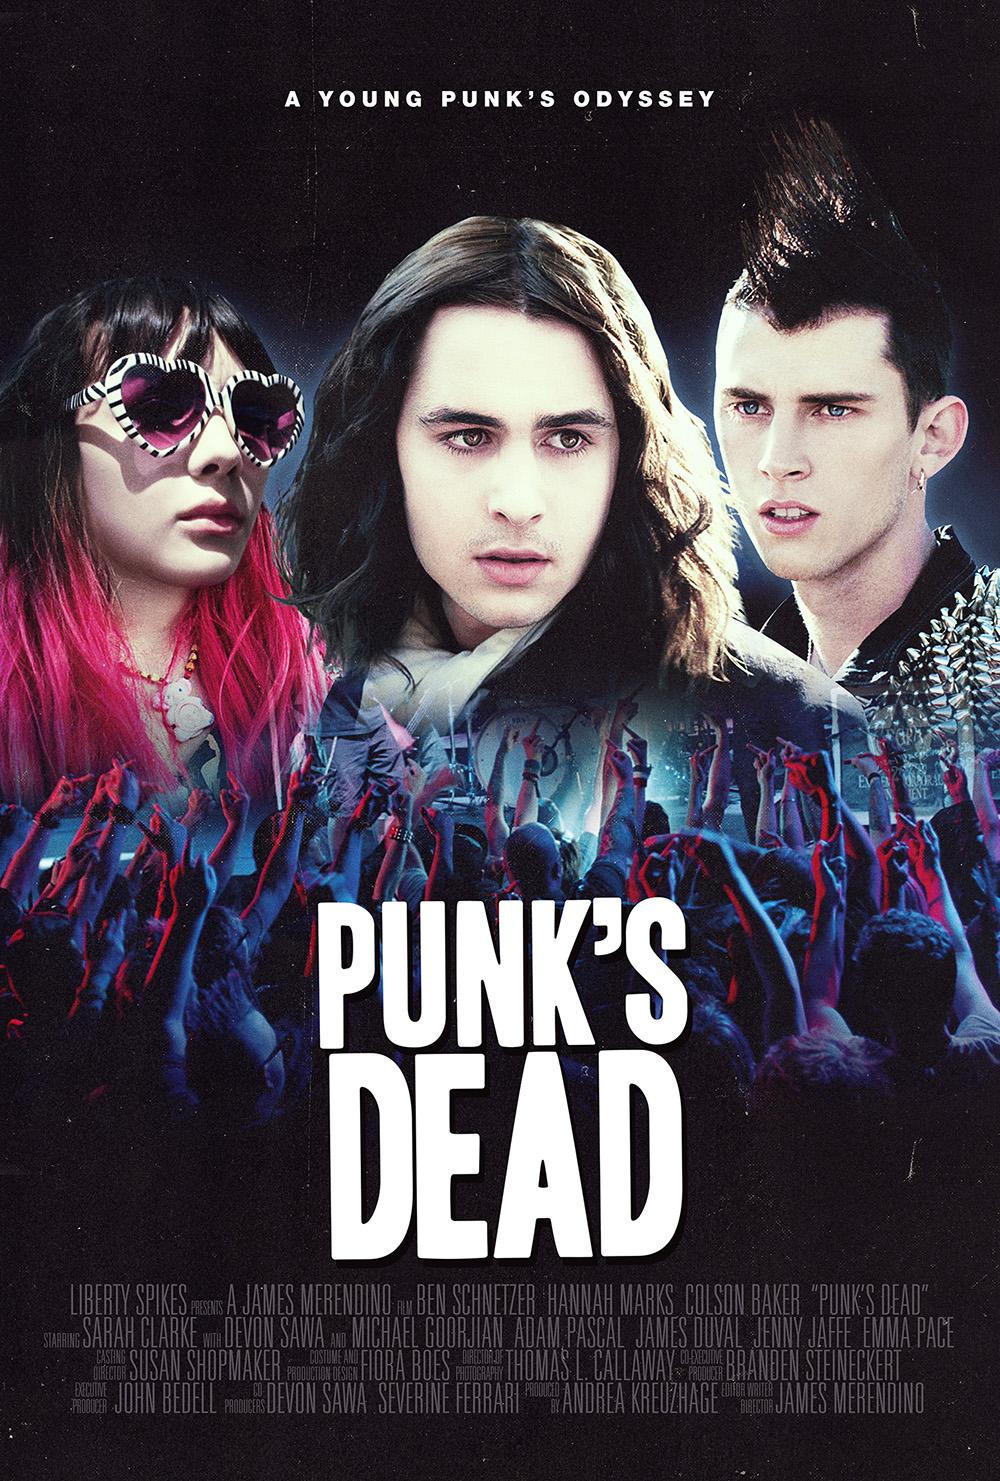 Slc punk original soundtrack (cd, album)   discogs.